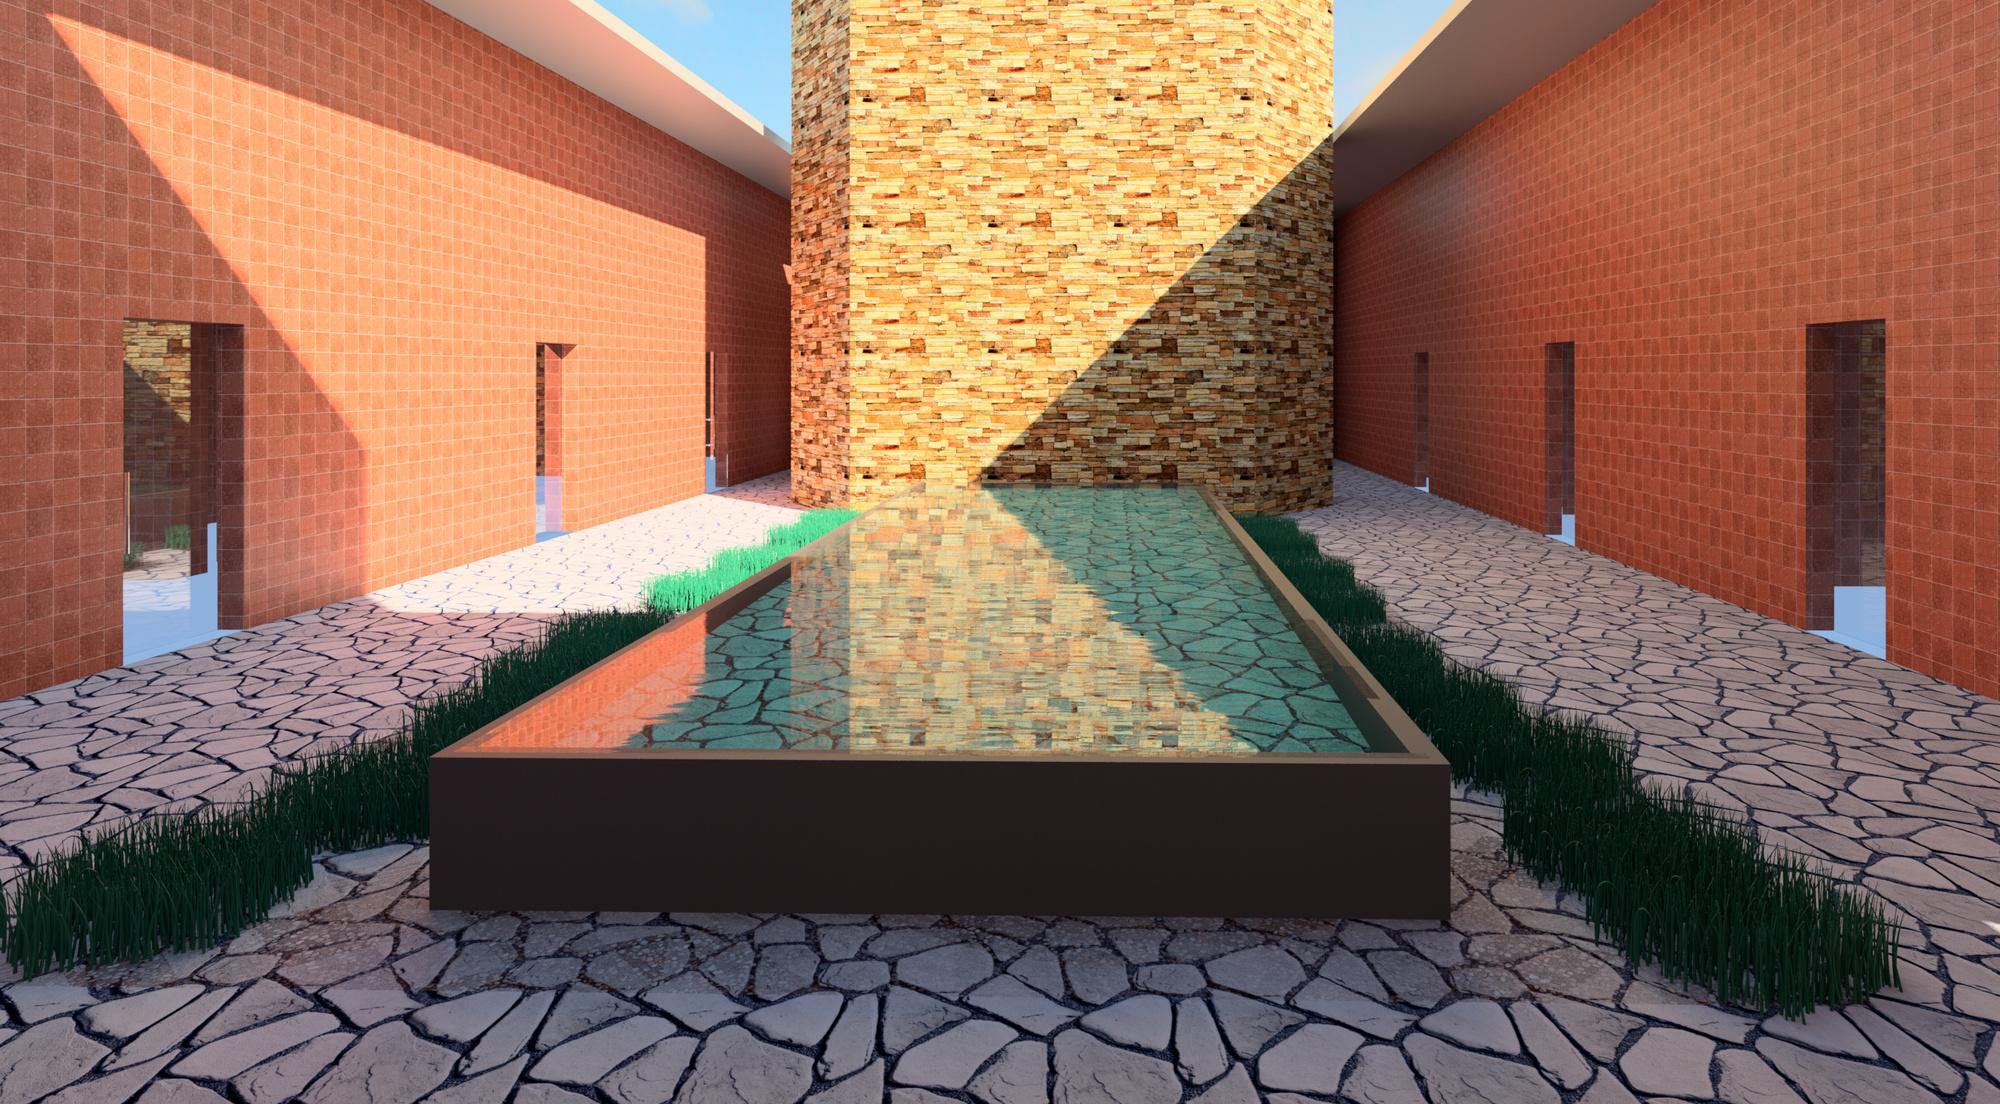 Raas-rendering20150209-29743-51m6uy